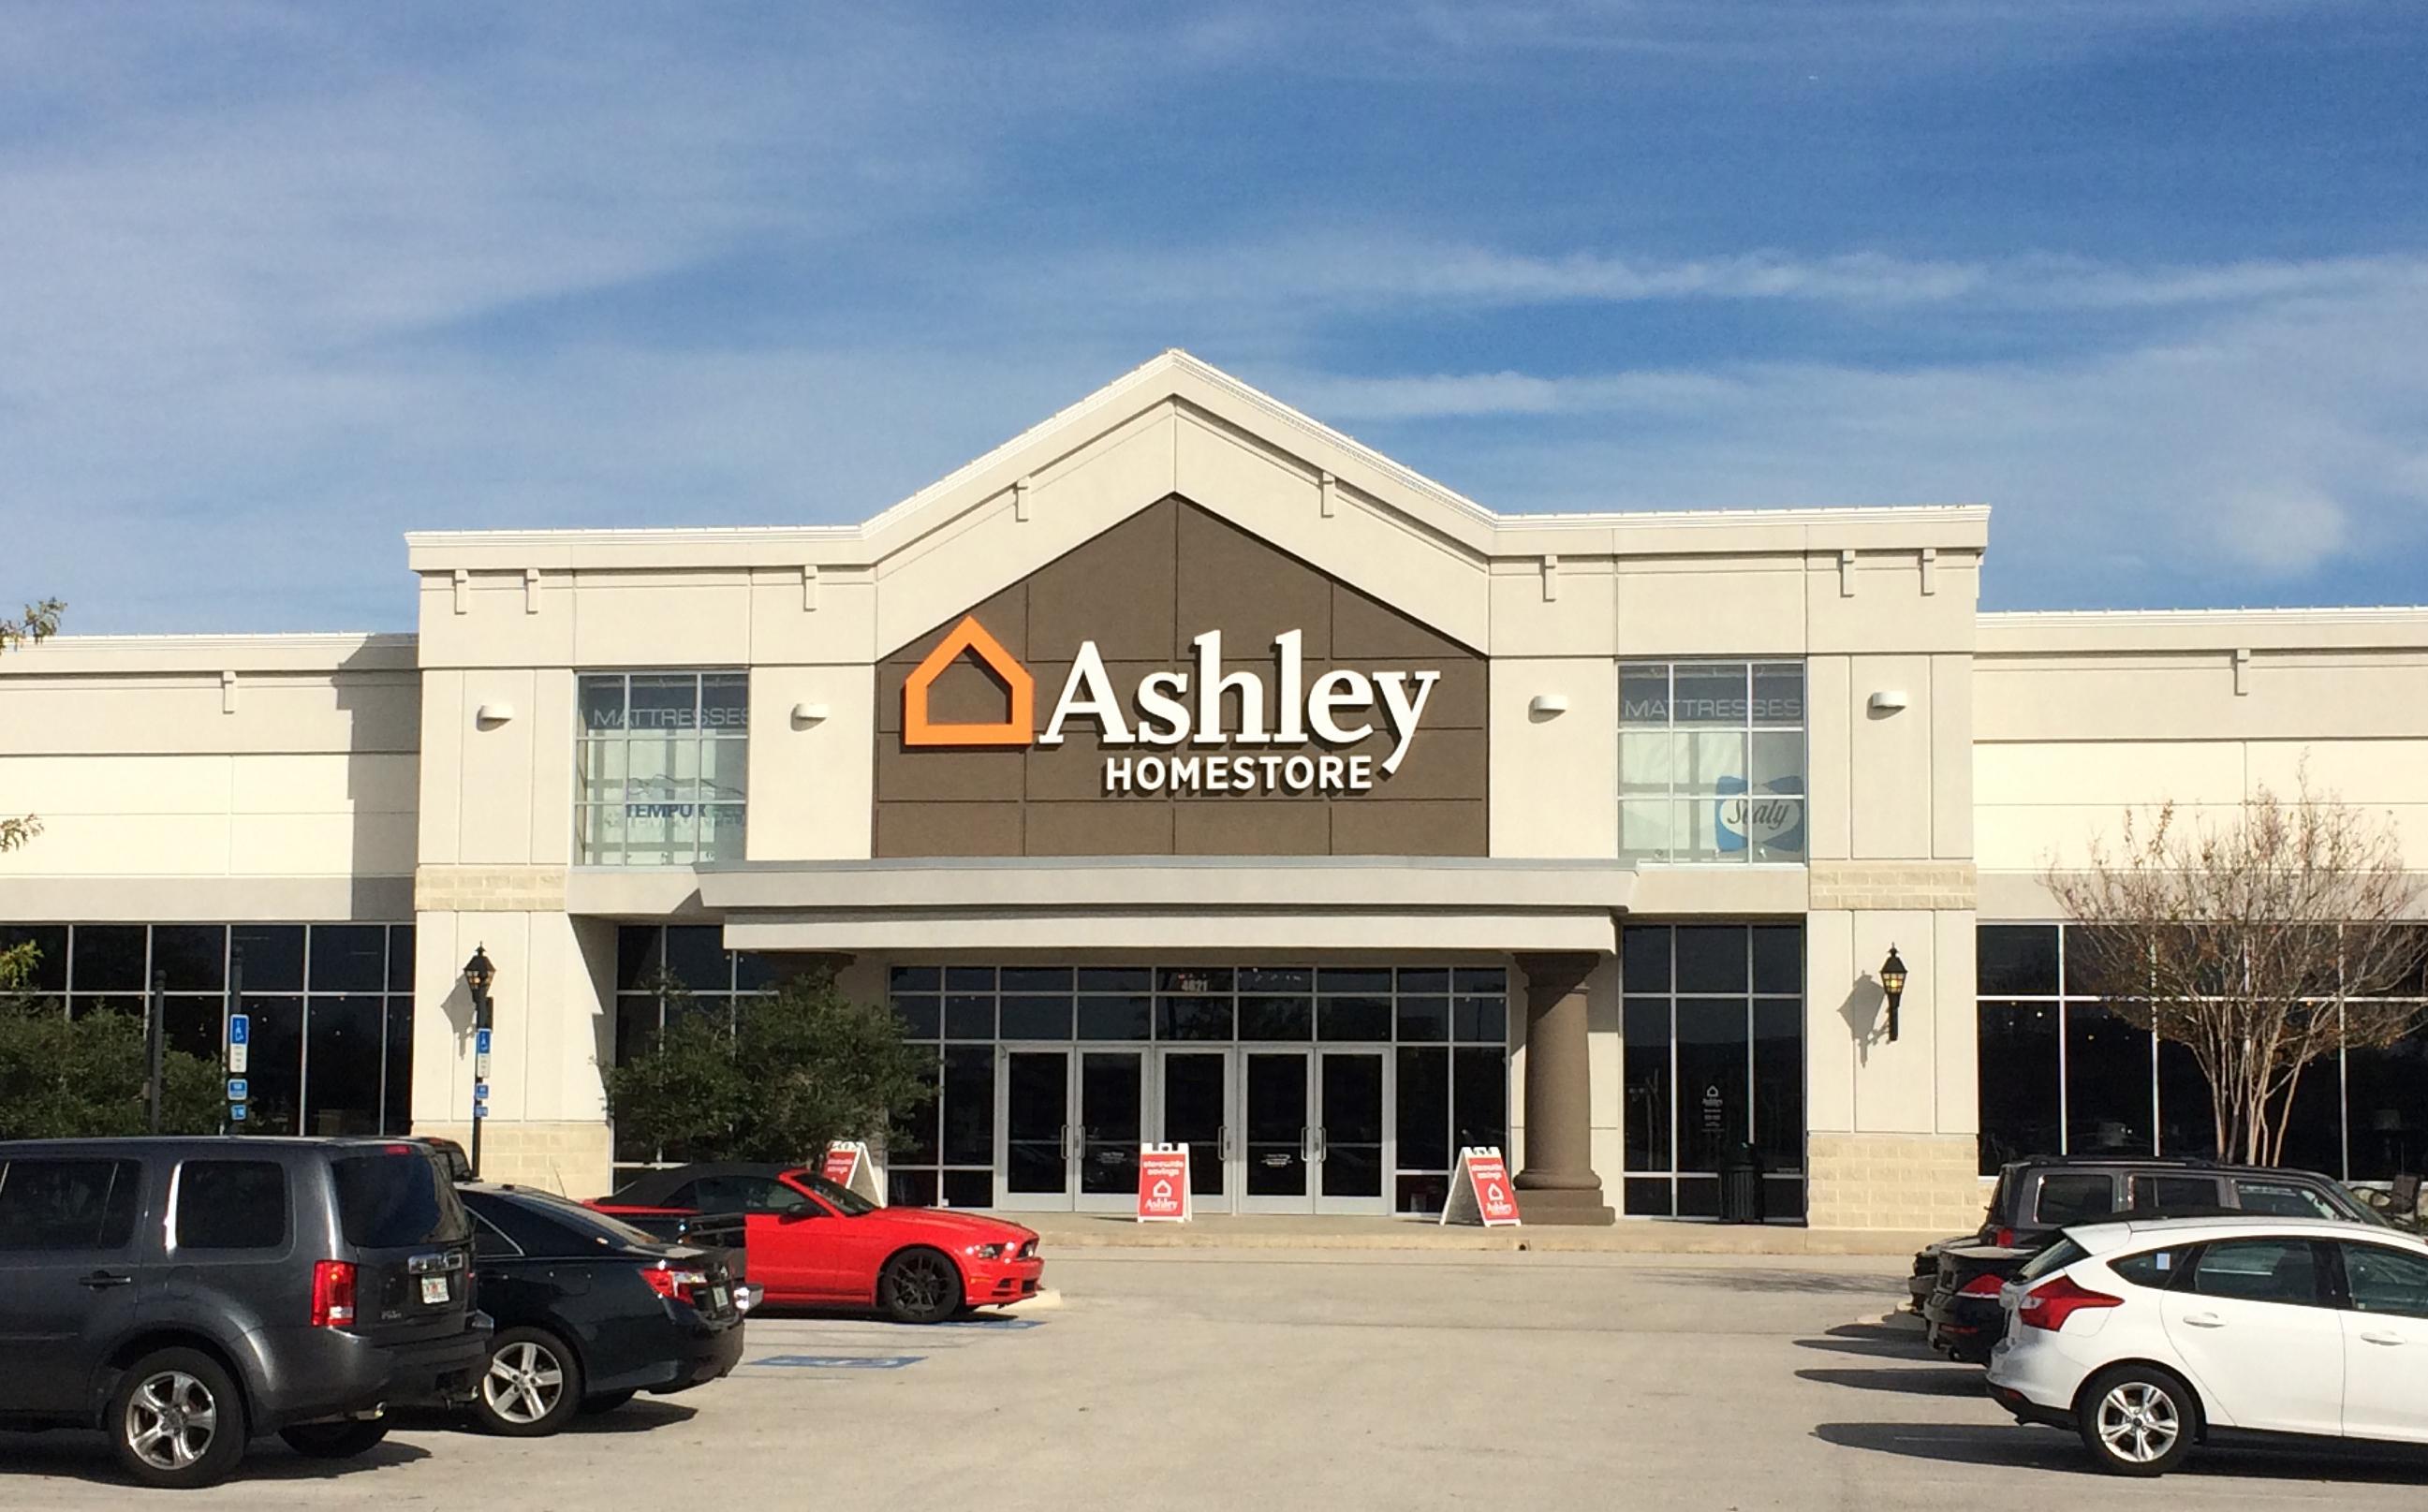 ashley homestore 4621 river city dr jacksonville fl 32246. Black Bedroom Furniture Sets. Home Design Ideas